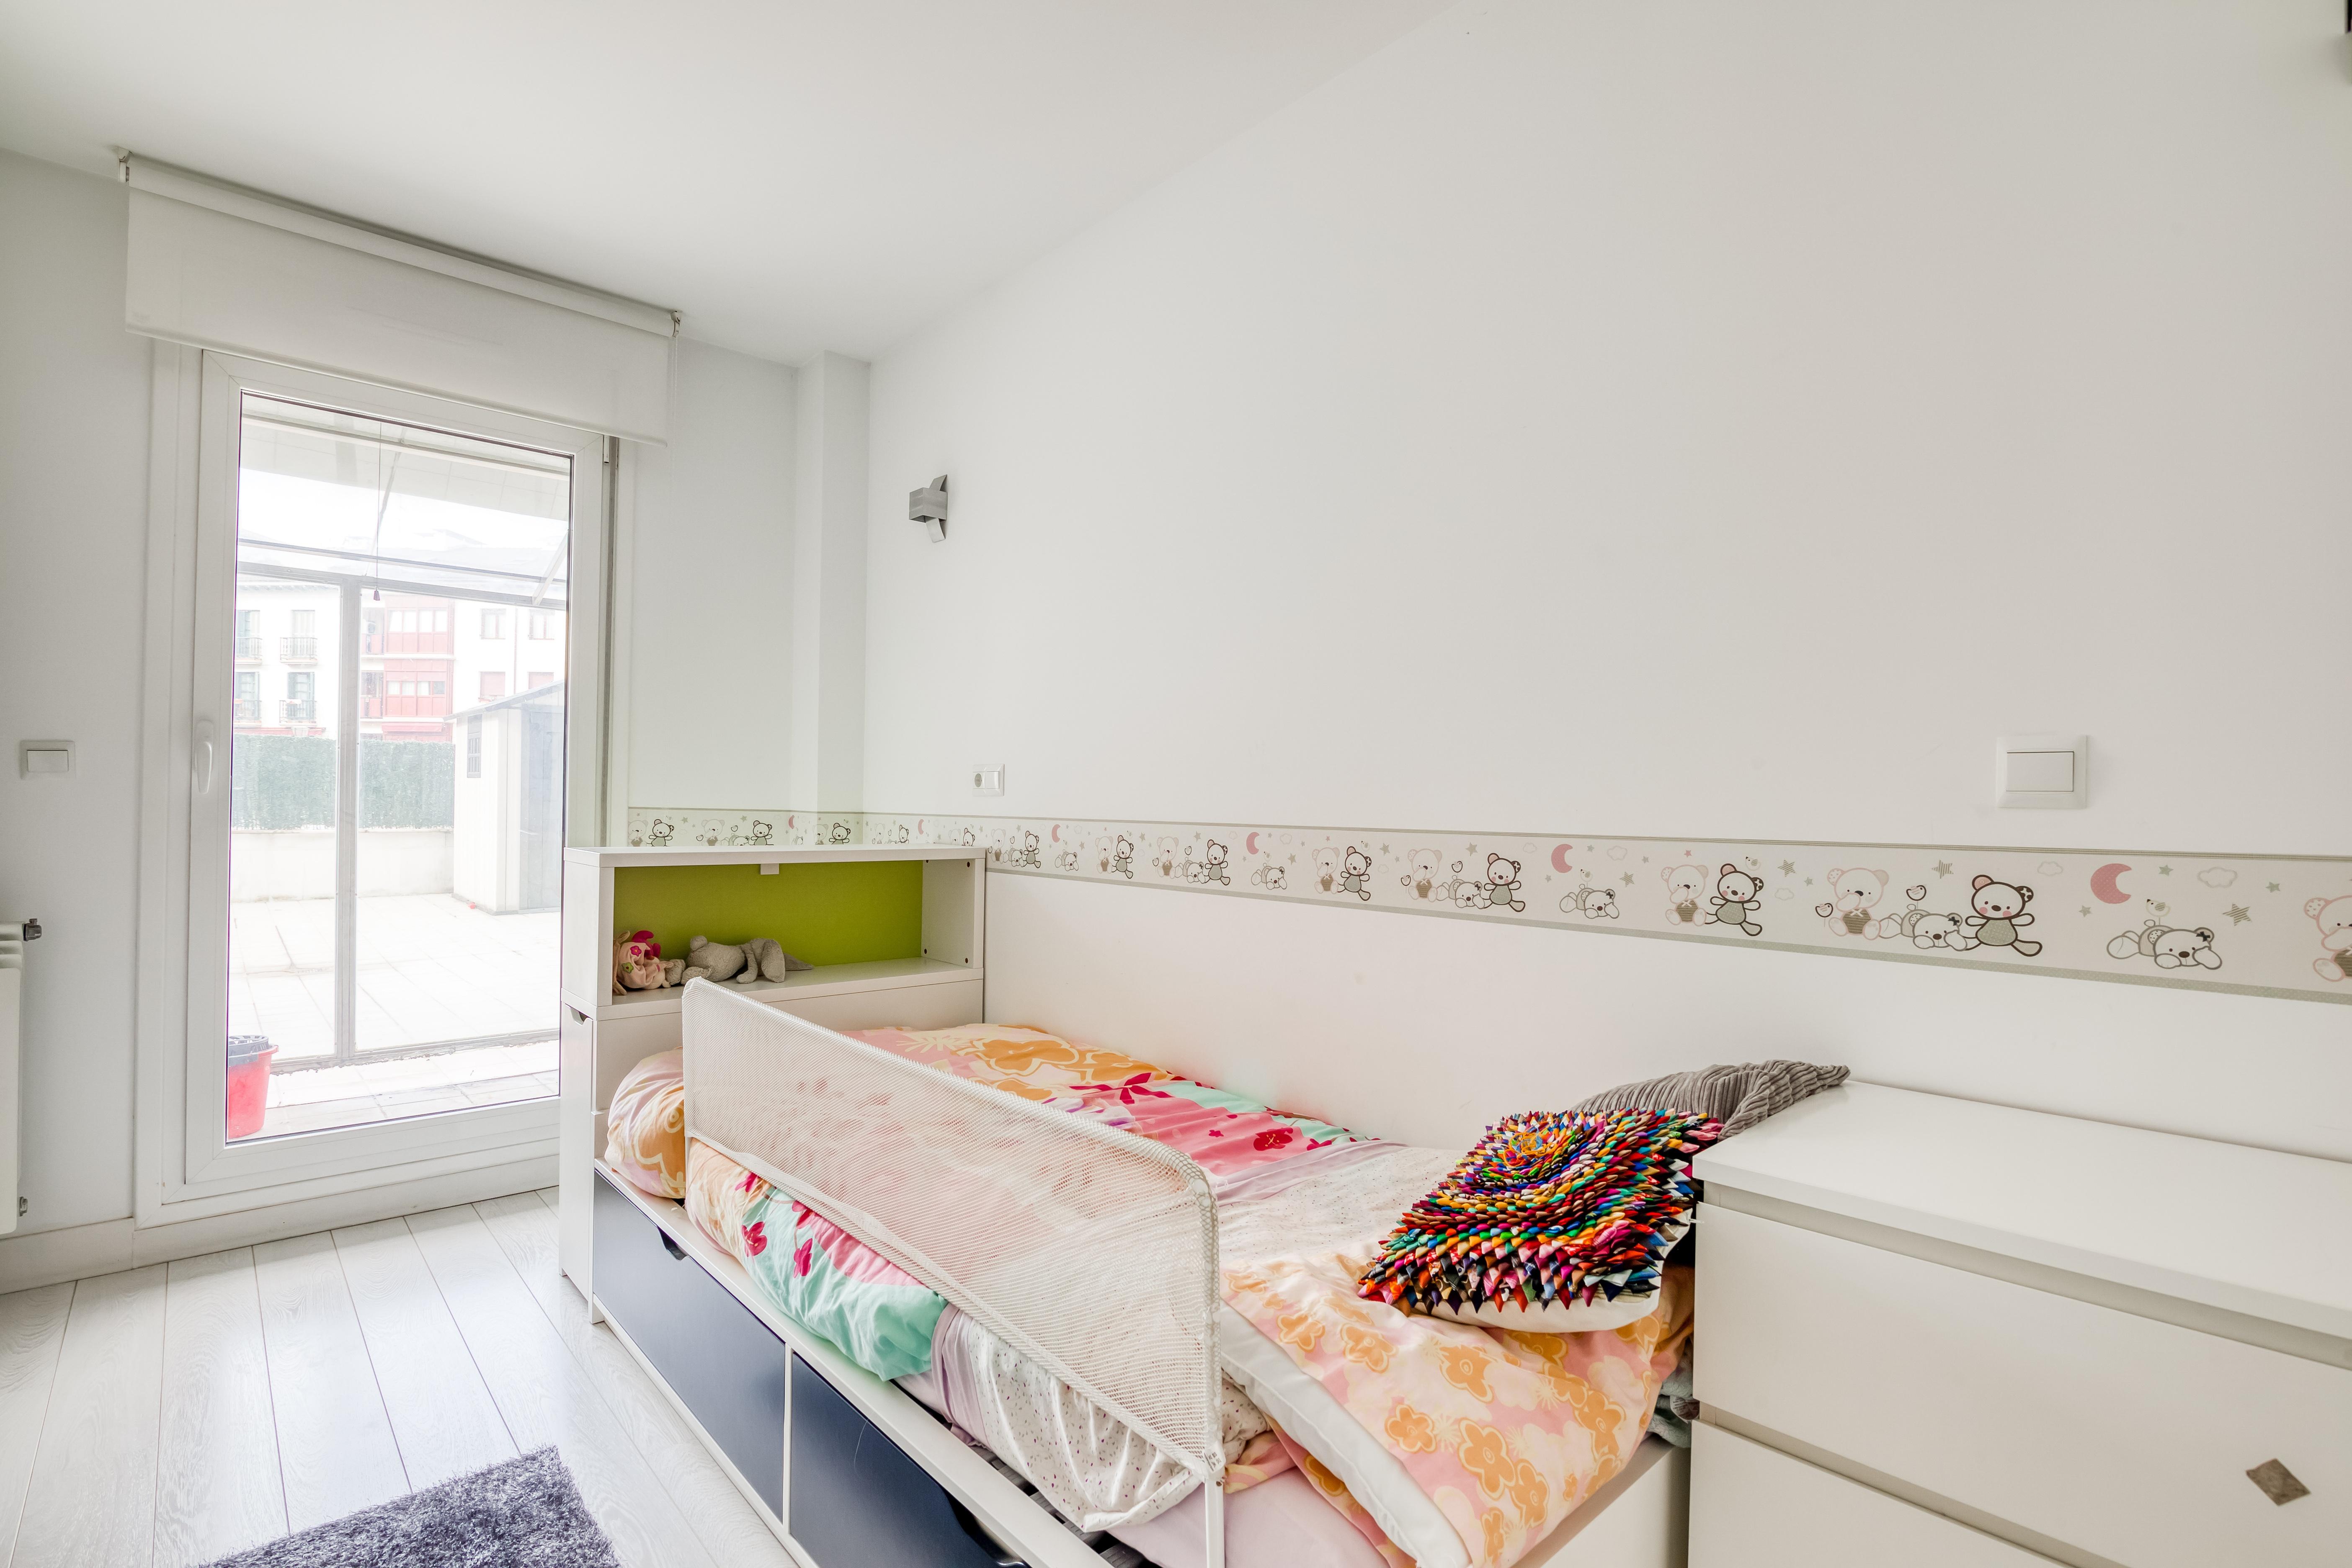 Exclusiva vivienda de 125 m2, altas calidades Y en zona PLAZA ISTILLAGA con dos soleadas Terrazas de 125 m2.